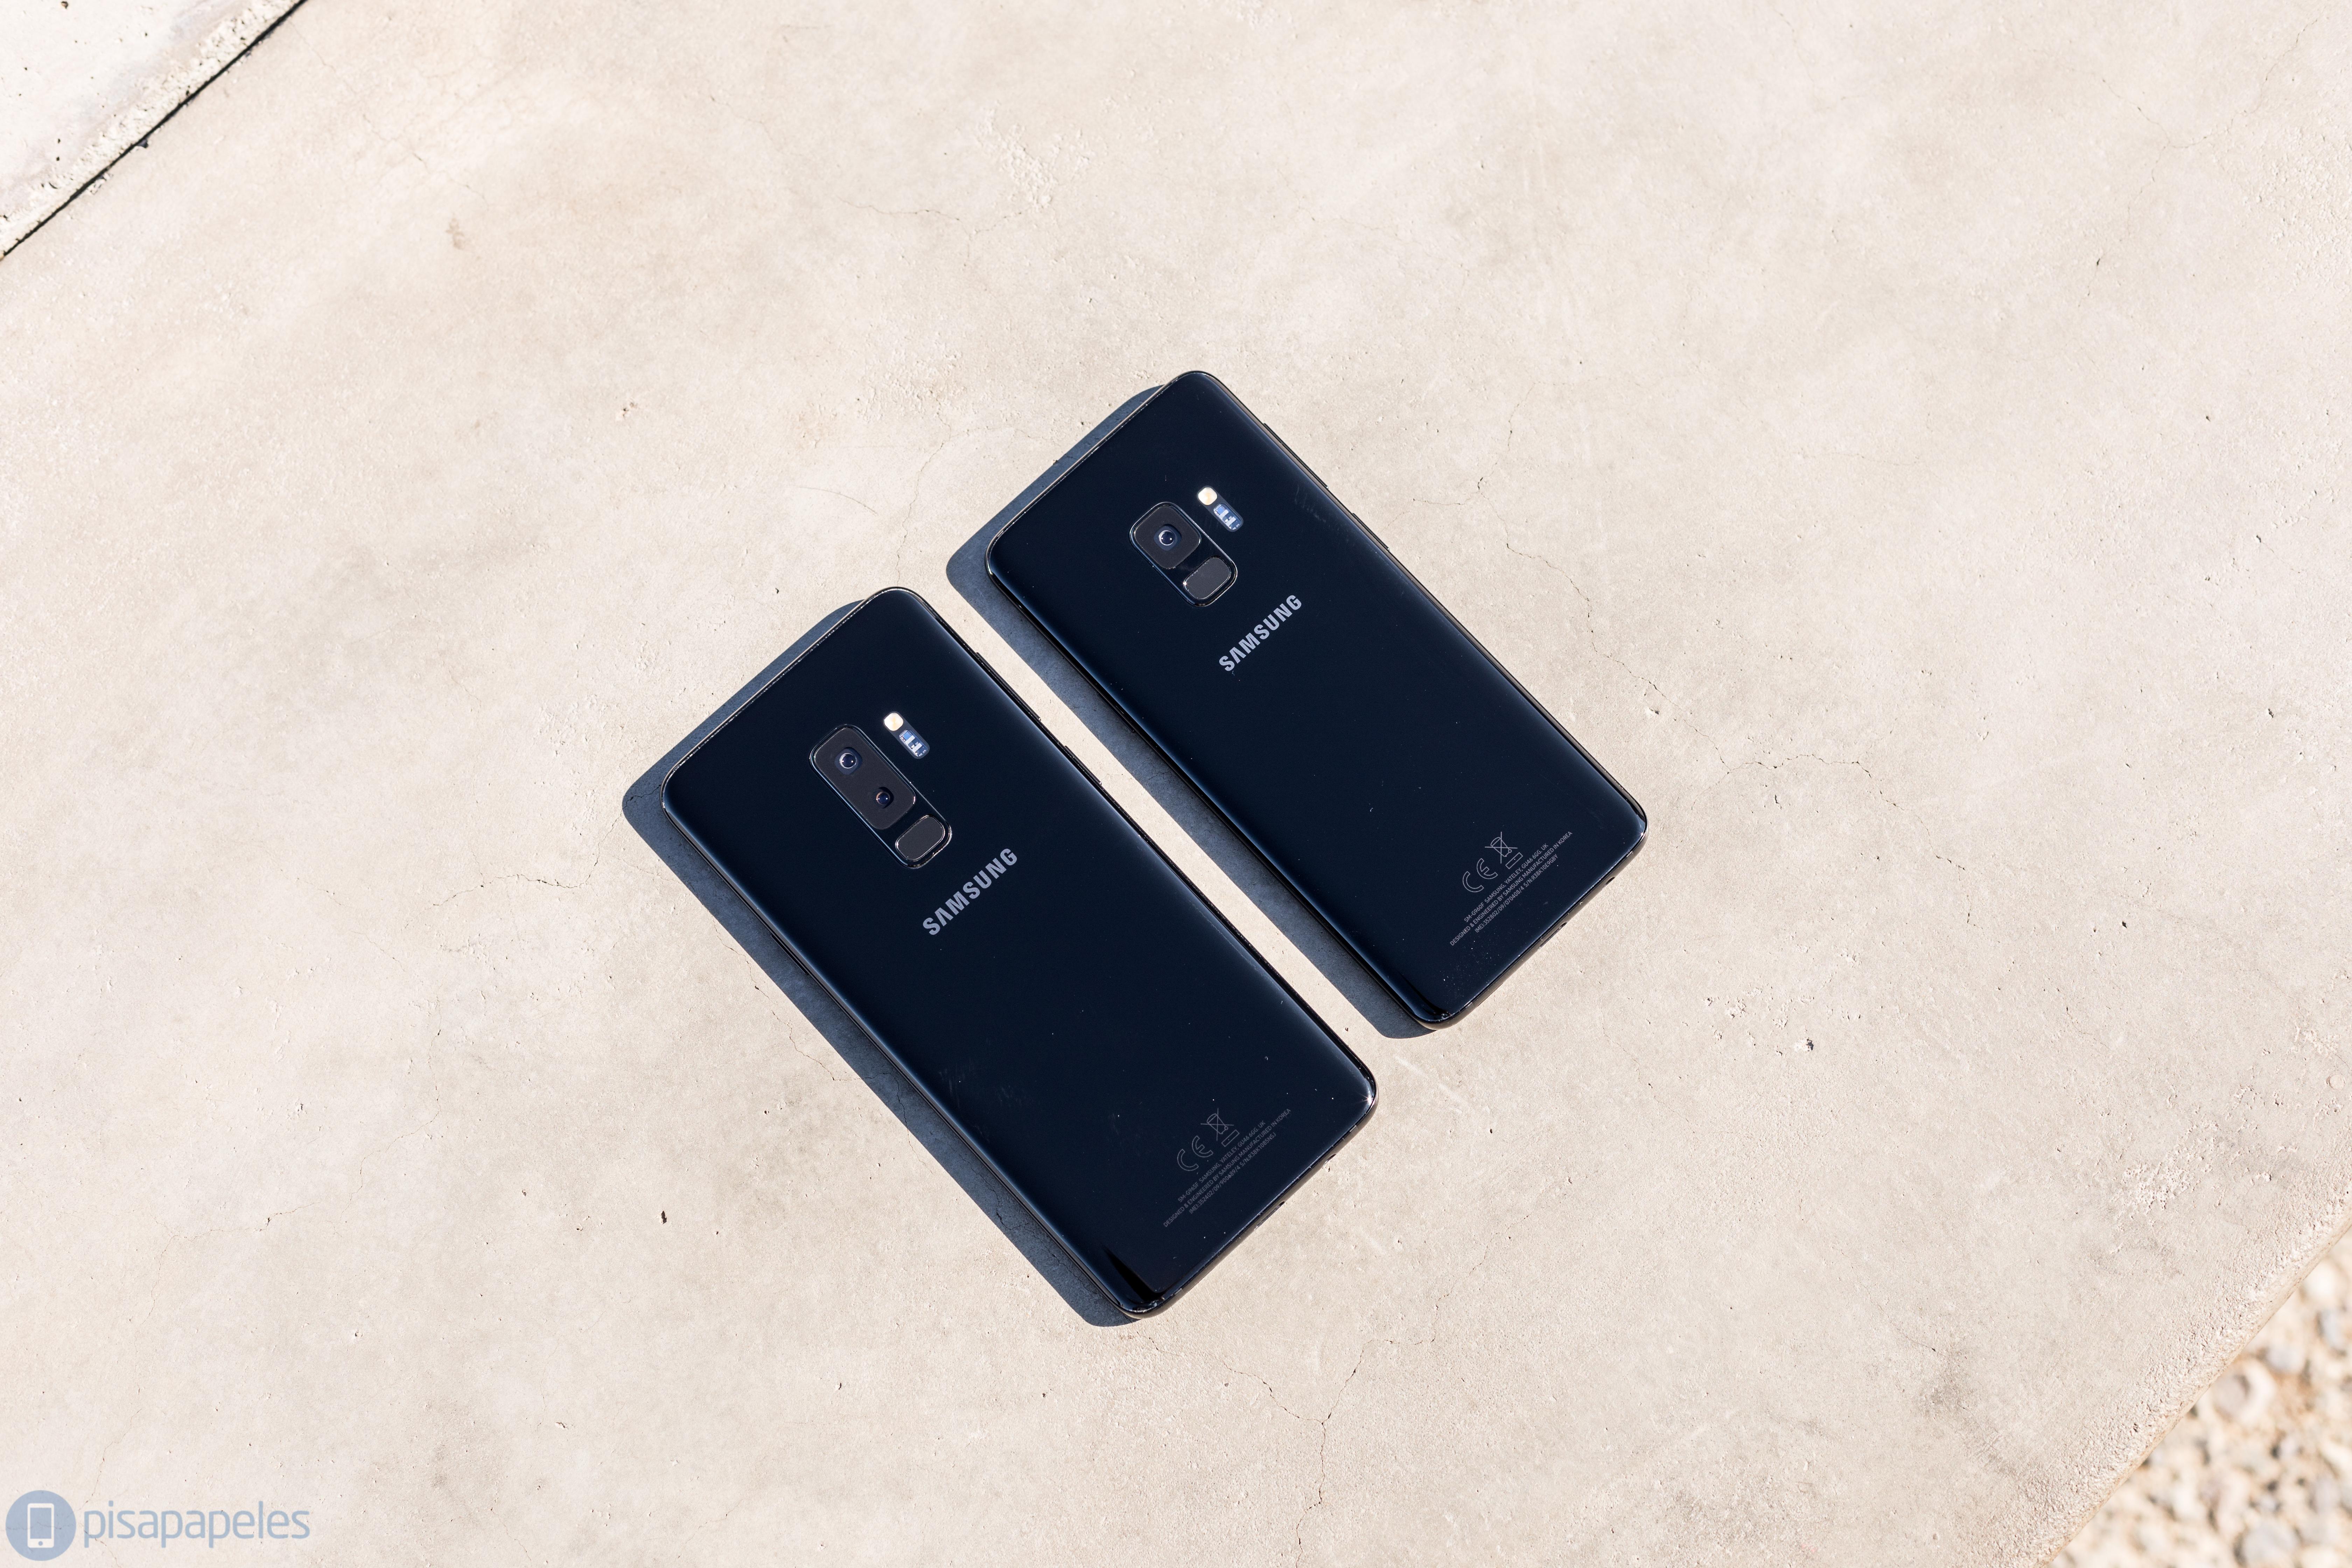 """Opiniones de Samsung Galaxy S9 y Galaxy S9 + 3""""ancho ="""" 6720 """"altura ="""" 4480"""